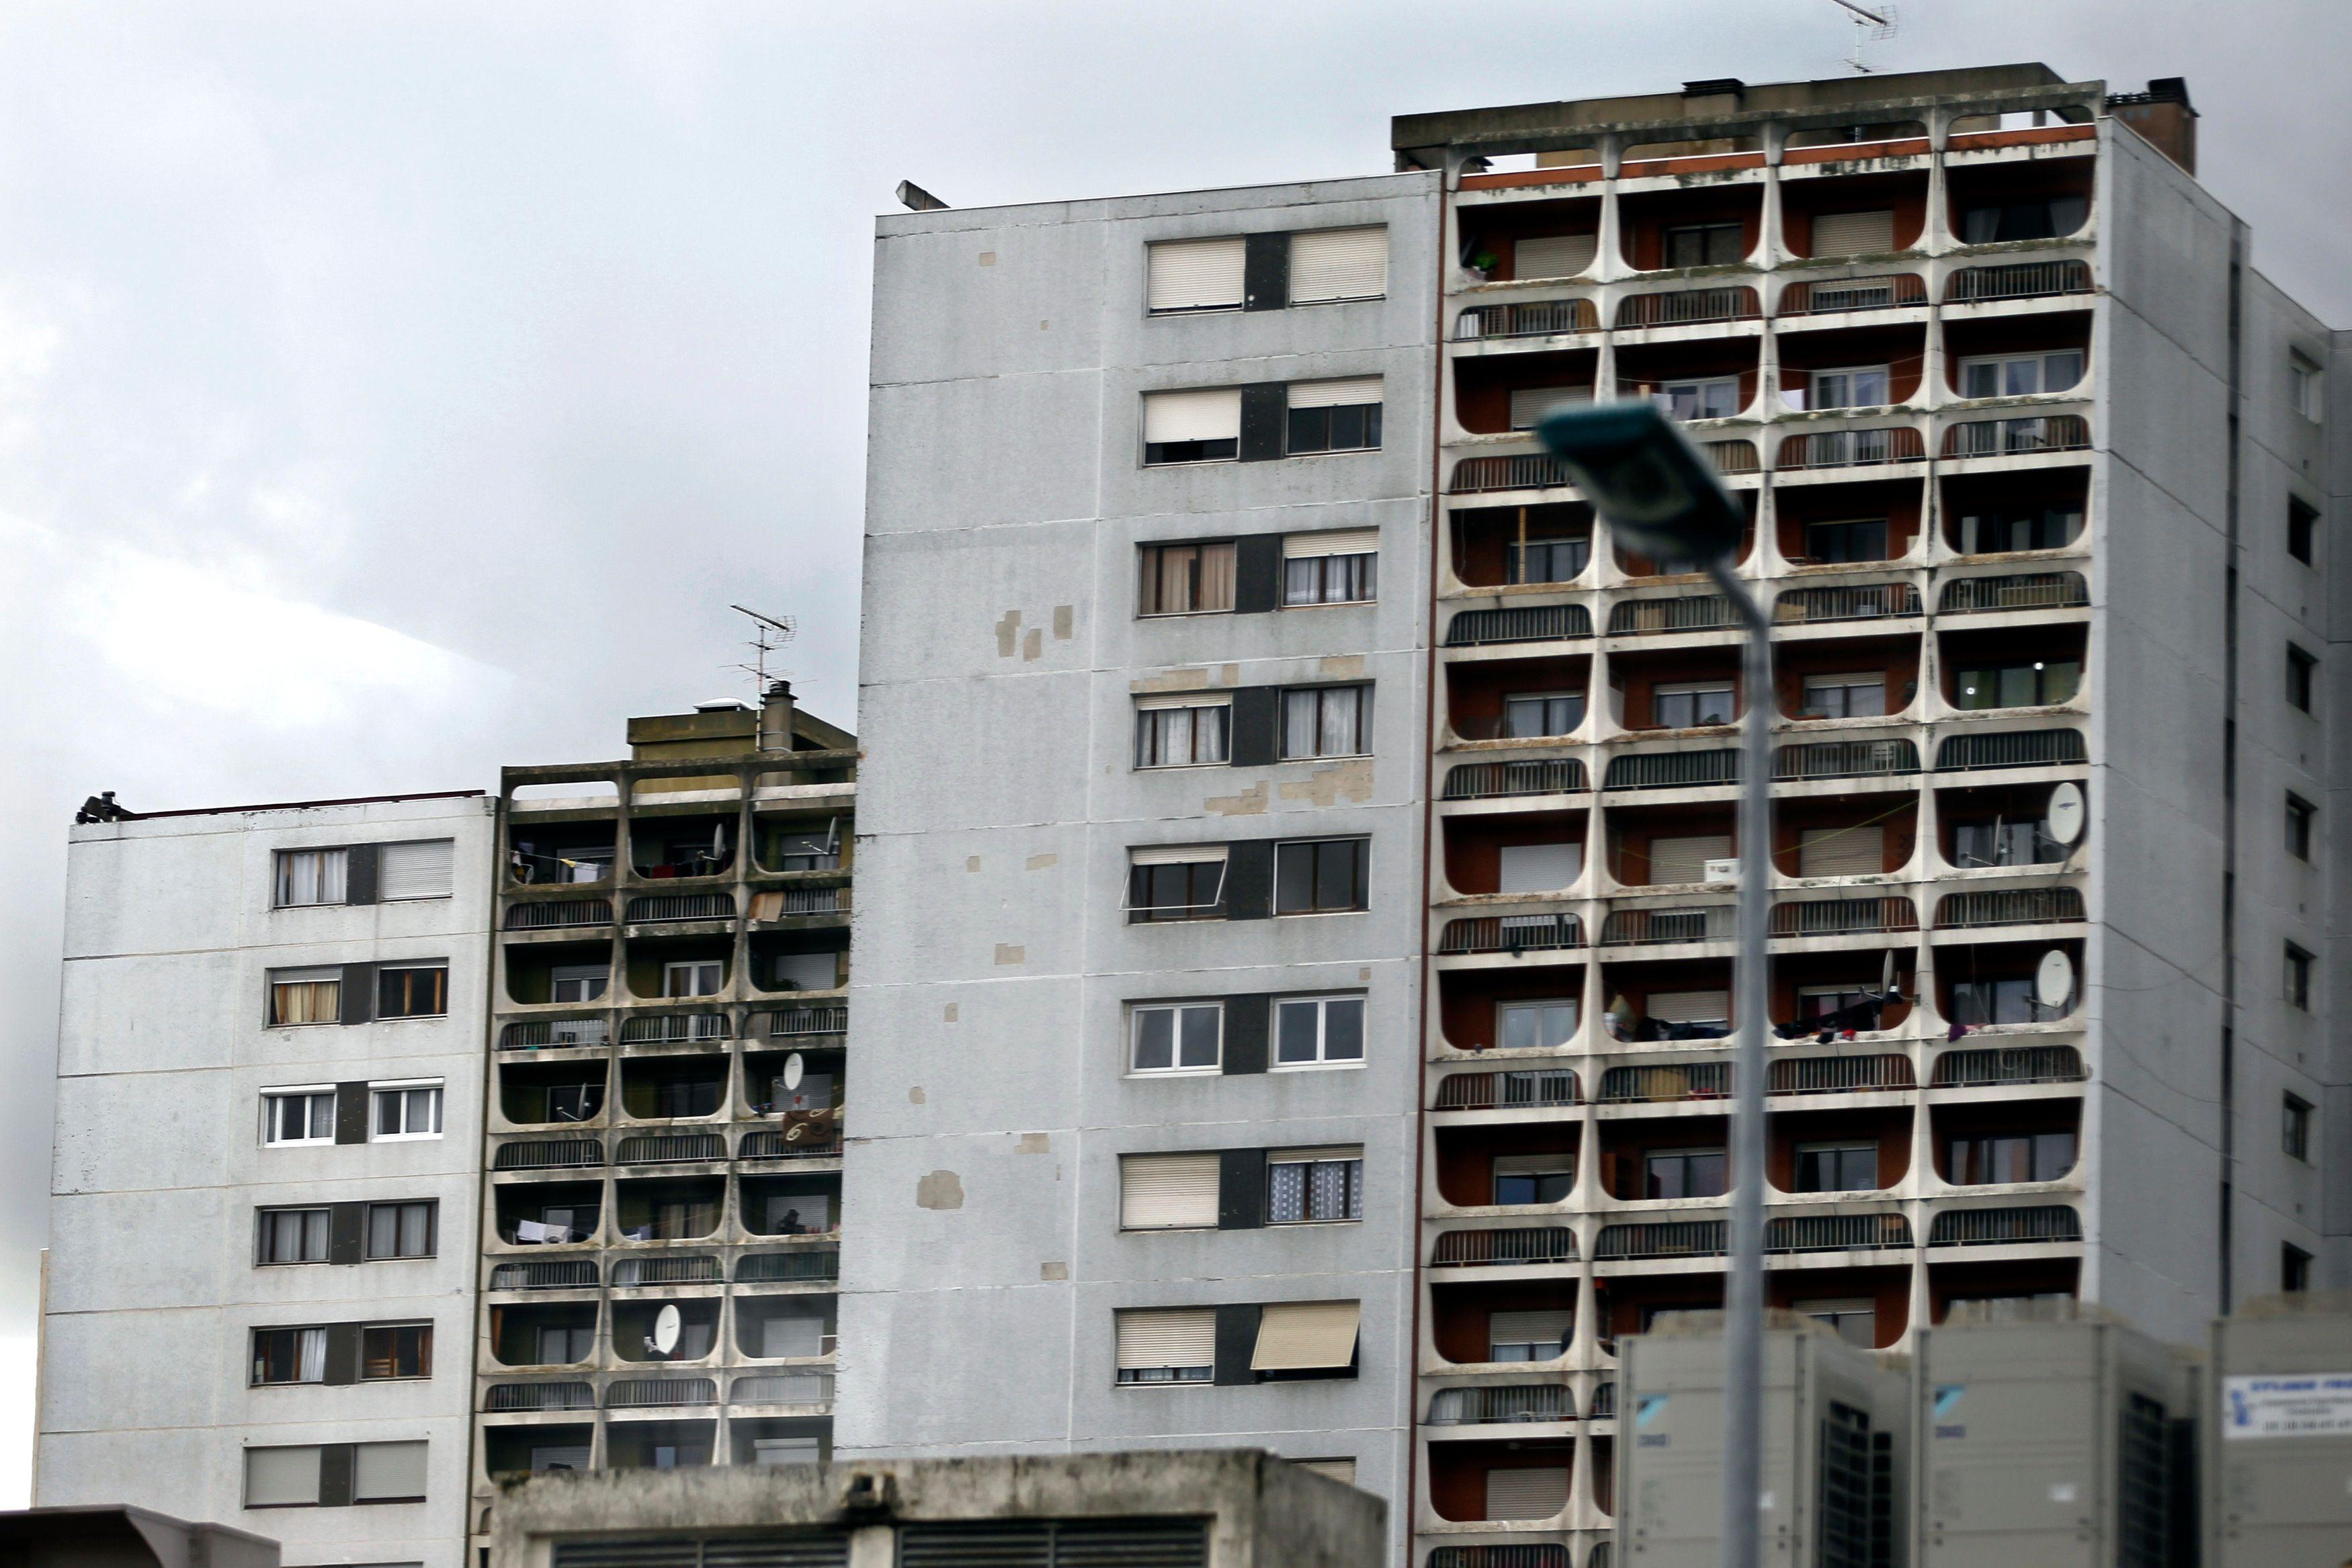 Logement : 4 millions de personnes restent mal logées ou privées de domicile